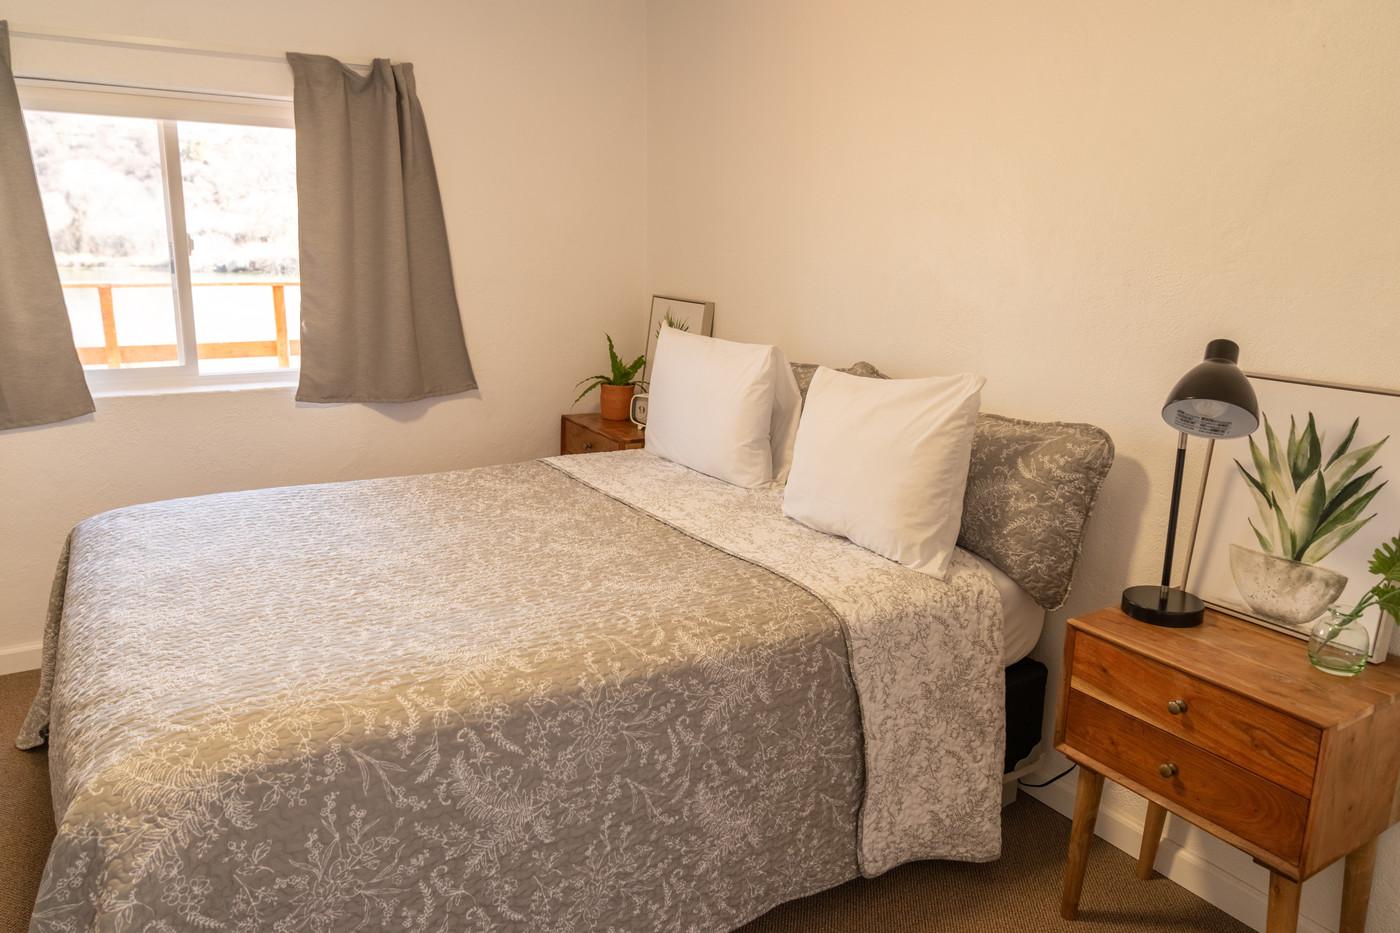 Riverside Condo Master Bedroom